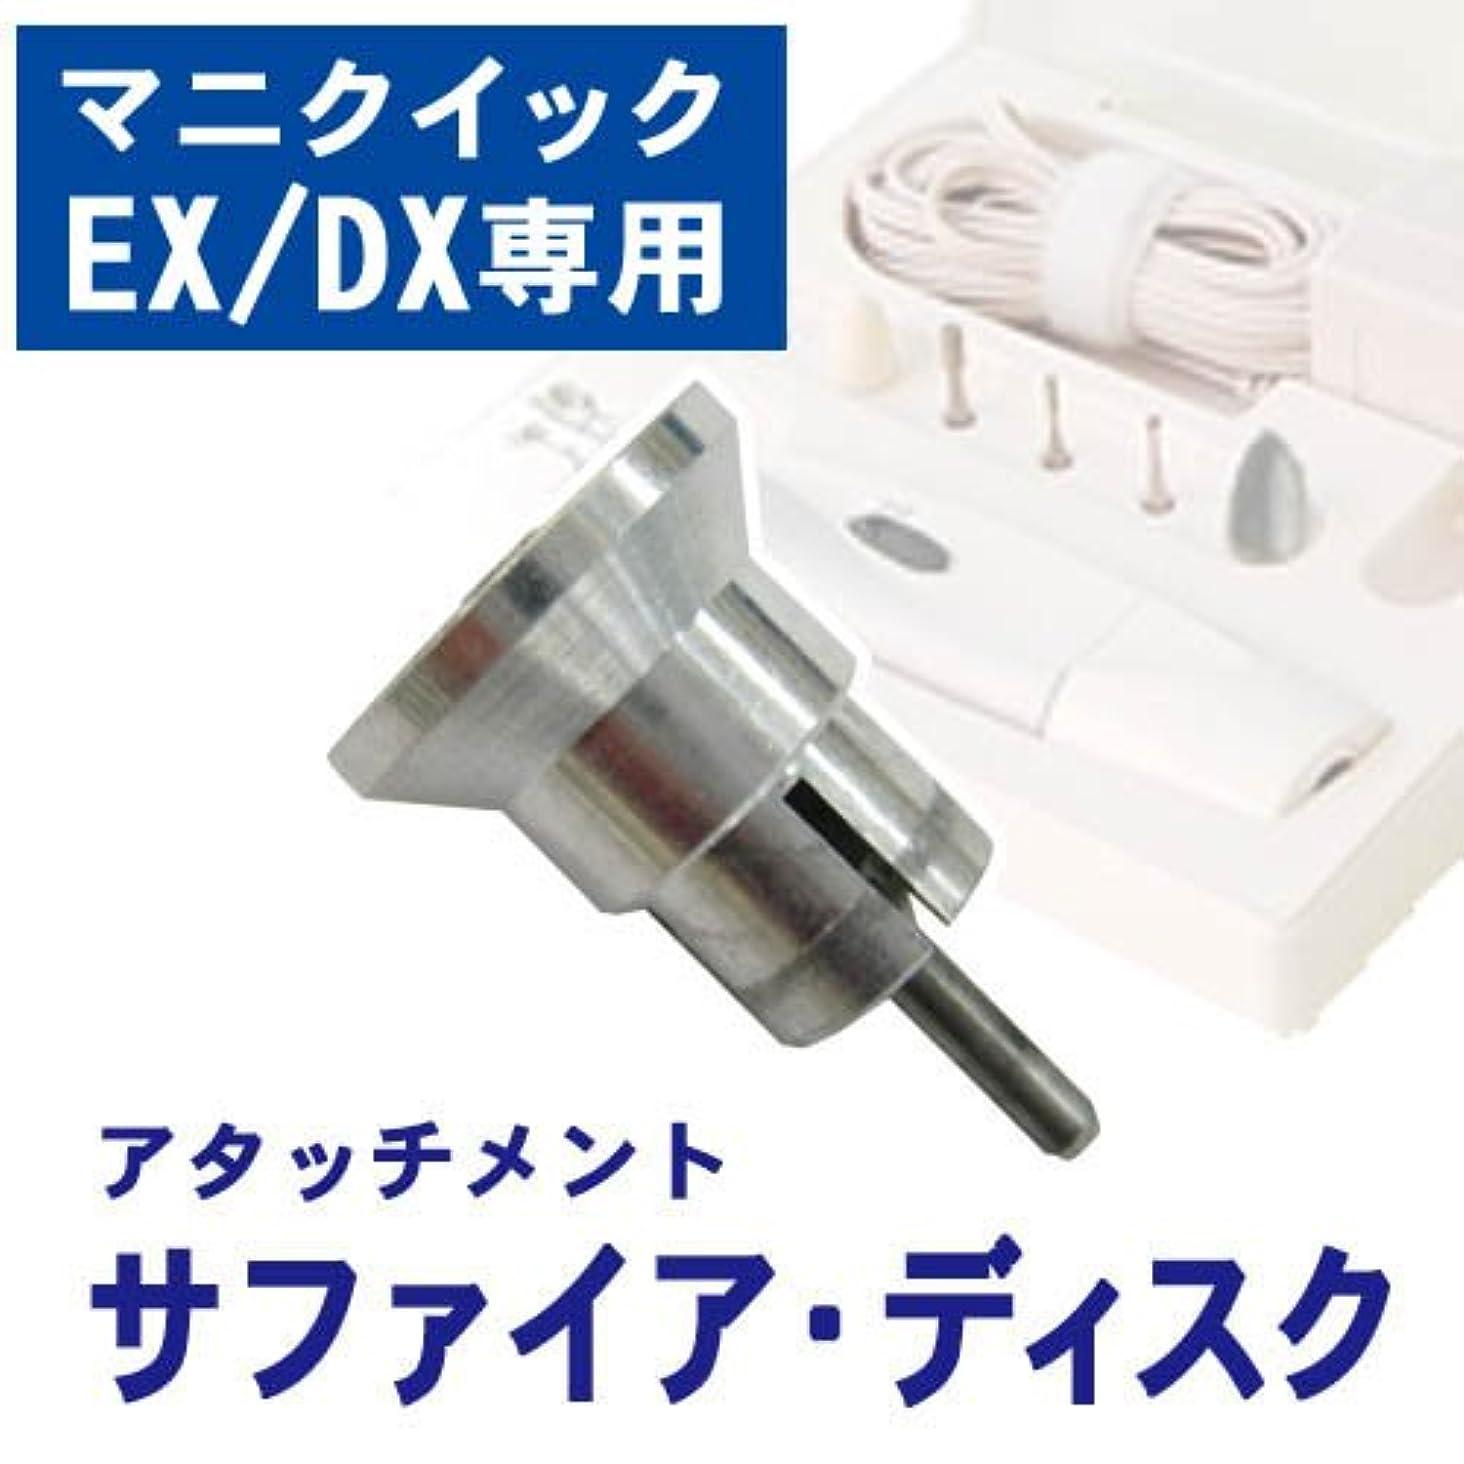 熱意免除する最大限マニクイックEX/DX 専用アタッチメント(サファイア?ディスク)